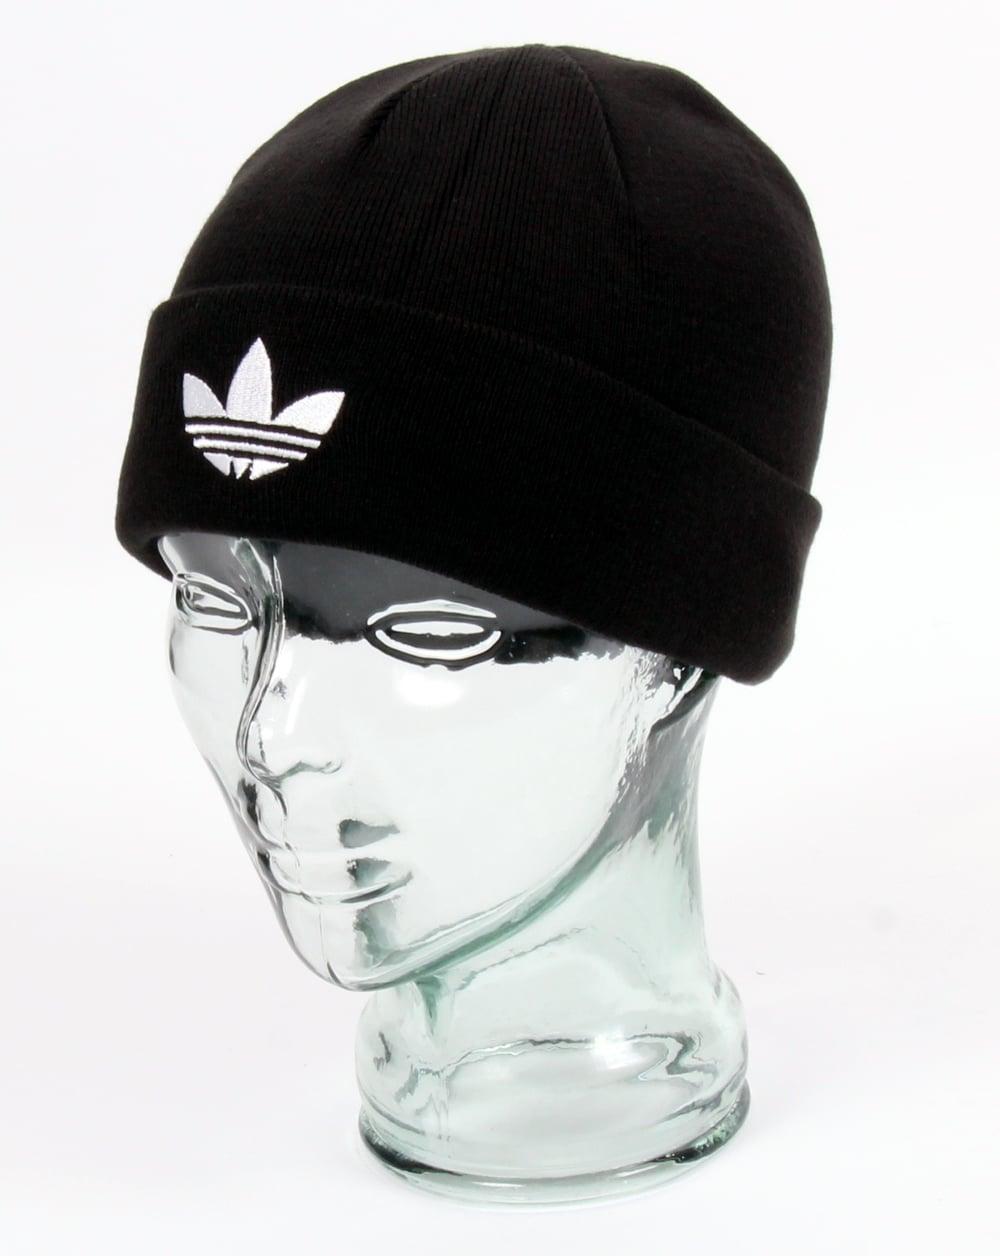 02945e8d260 adidas Originals Adidas Originals Trefoil Beanie Black